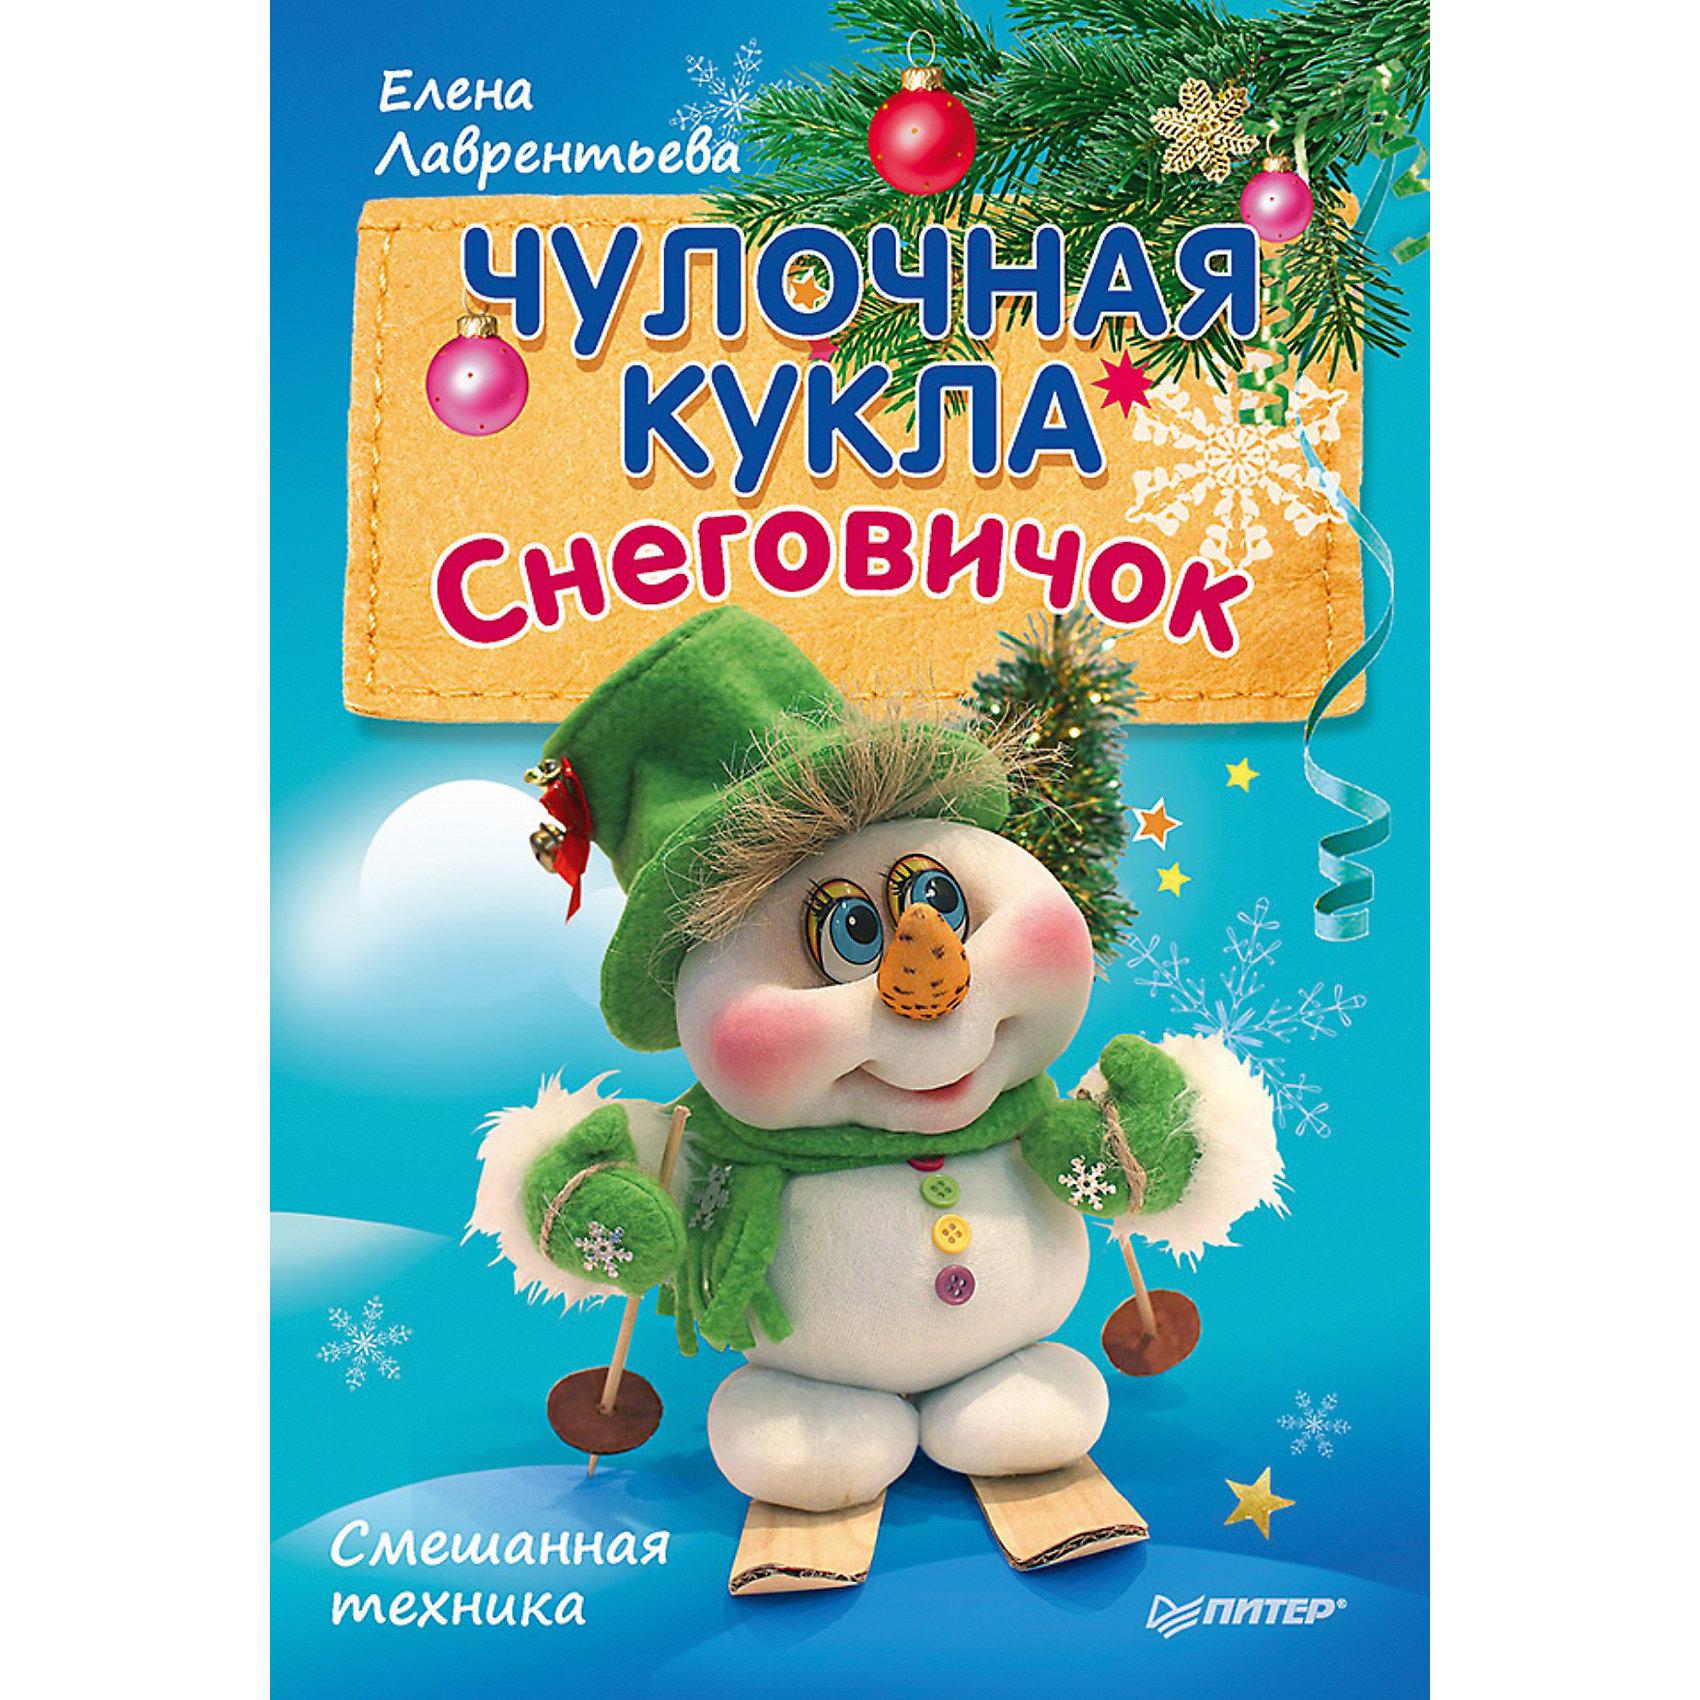 Комплект из 2 книг Чулочная кукла: снеговичок и украшение на елкуКомплект из 2 книг Чулочная кукла: снеговичок и украшение на елку<br><br>Характеристики:<br><br>- издательство: Питер<br>- количество страниц: 16 в каждой книжечке<br>- формат: 14 * 20,5 см.<br>- Тип обложки: мягкая<br>- Иллюстрации: цветные<br>- вес: 64 гр.<br><br>Целый комплект книг с мастер классами по изготовлению чулочных кукол раскроет все основы шитья чулочных кукол. Новогодняя тематика поделок поможет привнести атмосферу праздников в дом. Пошаговые инструкции подробно объясняют с чего начинать шитье, какие ткани подбирать, какие использовать наполнители и инструменты. Благодаря этим мастер-классам можно придумать свои уникальные дизайны кукол и изготовить множество подарков для любимых и близких. Комплект включает в себя две книги: снеговичок и украшение на елку. Работа с тканями и шитьем развивает моторику рук, повышает творческие способности и является просто отличным хобби. Книги подойдут в подарок как и детям младшего школьного возраста, так и подросткам. <br><br>Комплект из 2 книг Чулочная кукла: снеговичок и украшение на елку можно купить в нашем интернет-магазине.<br><br>Ширина мм: 205<br>Глубина мм: 141<br>Высота мм: 2<br>Вес г: 62<br>Возраст от месяцев: 96<br>Возраст до месяцев: 2147483647<br>Пол: Женский<br>Возраст: Детский<br>SKU: 5164084